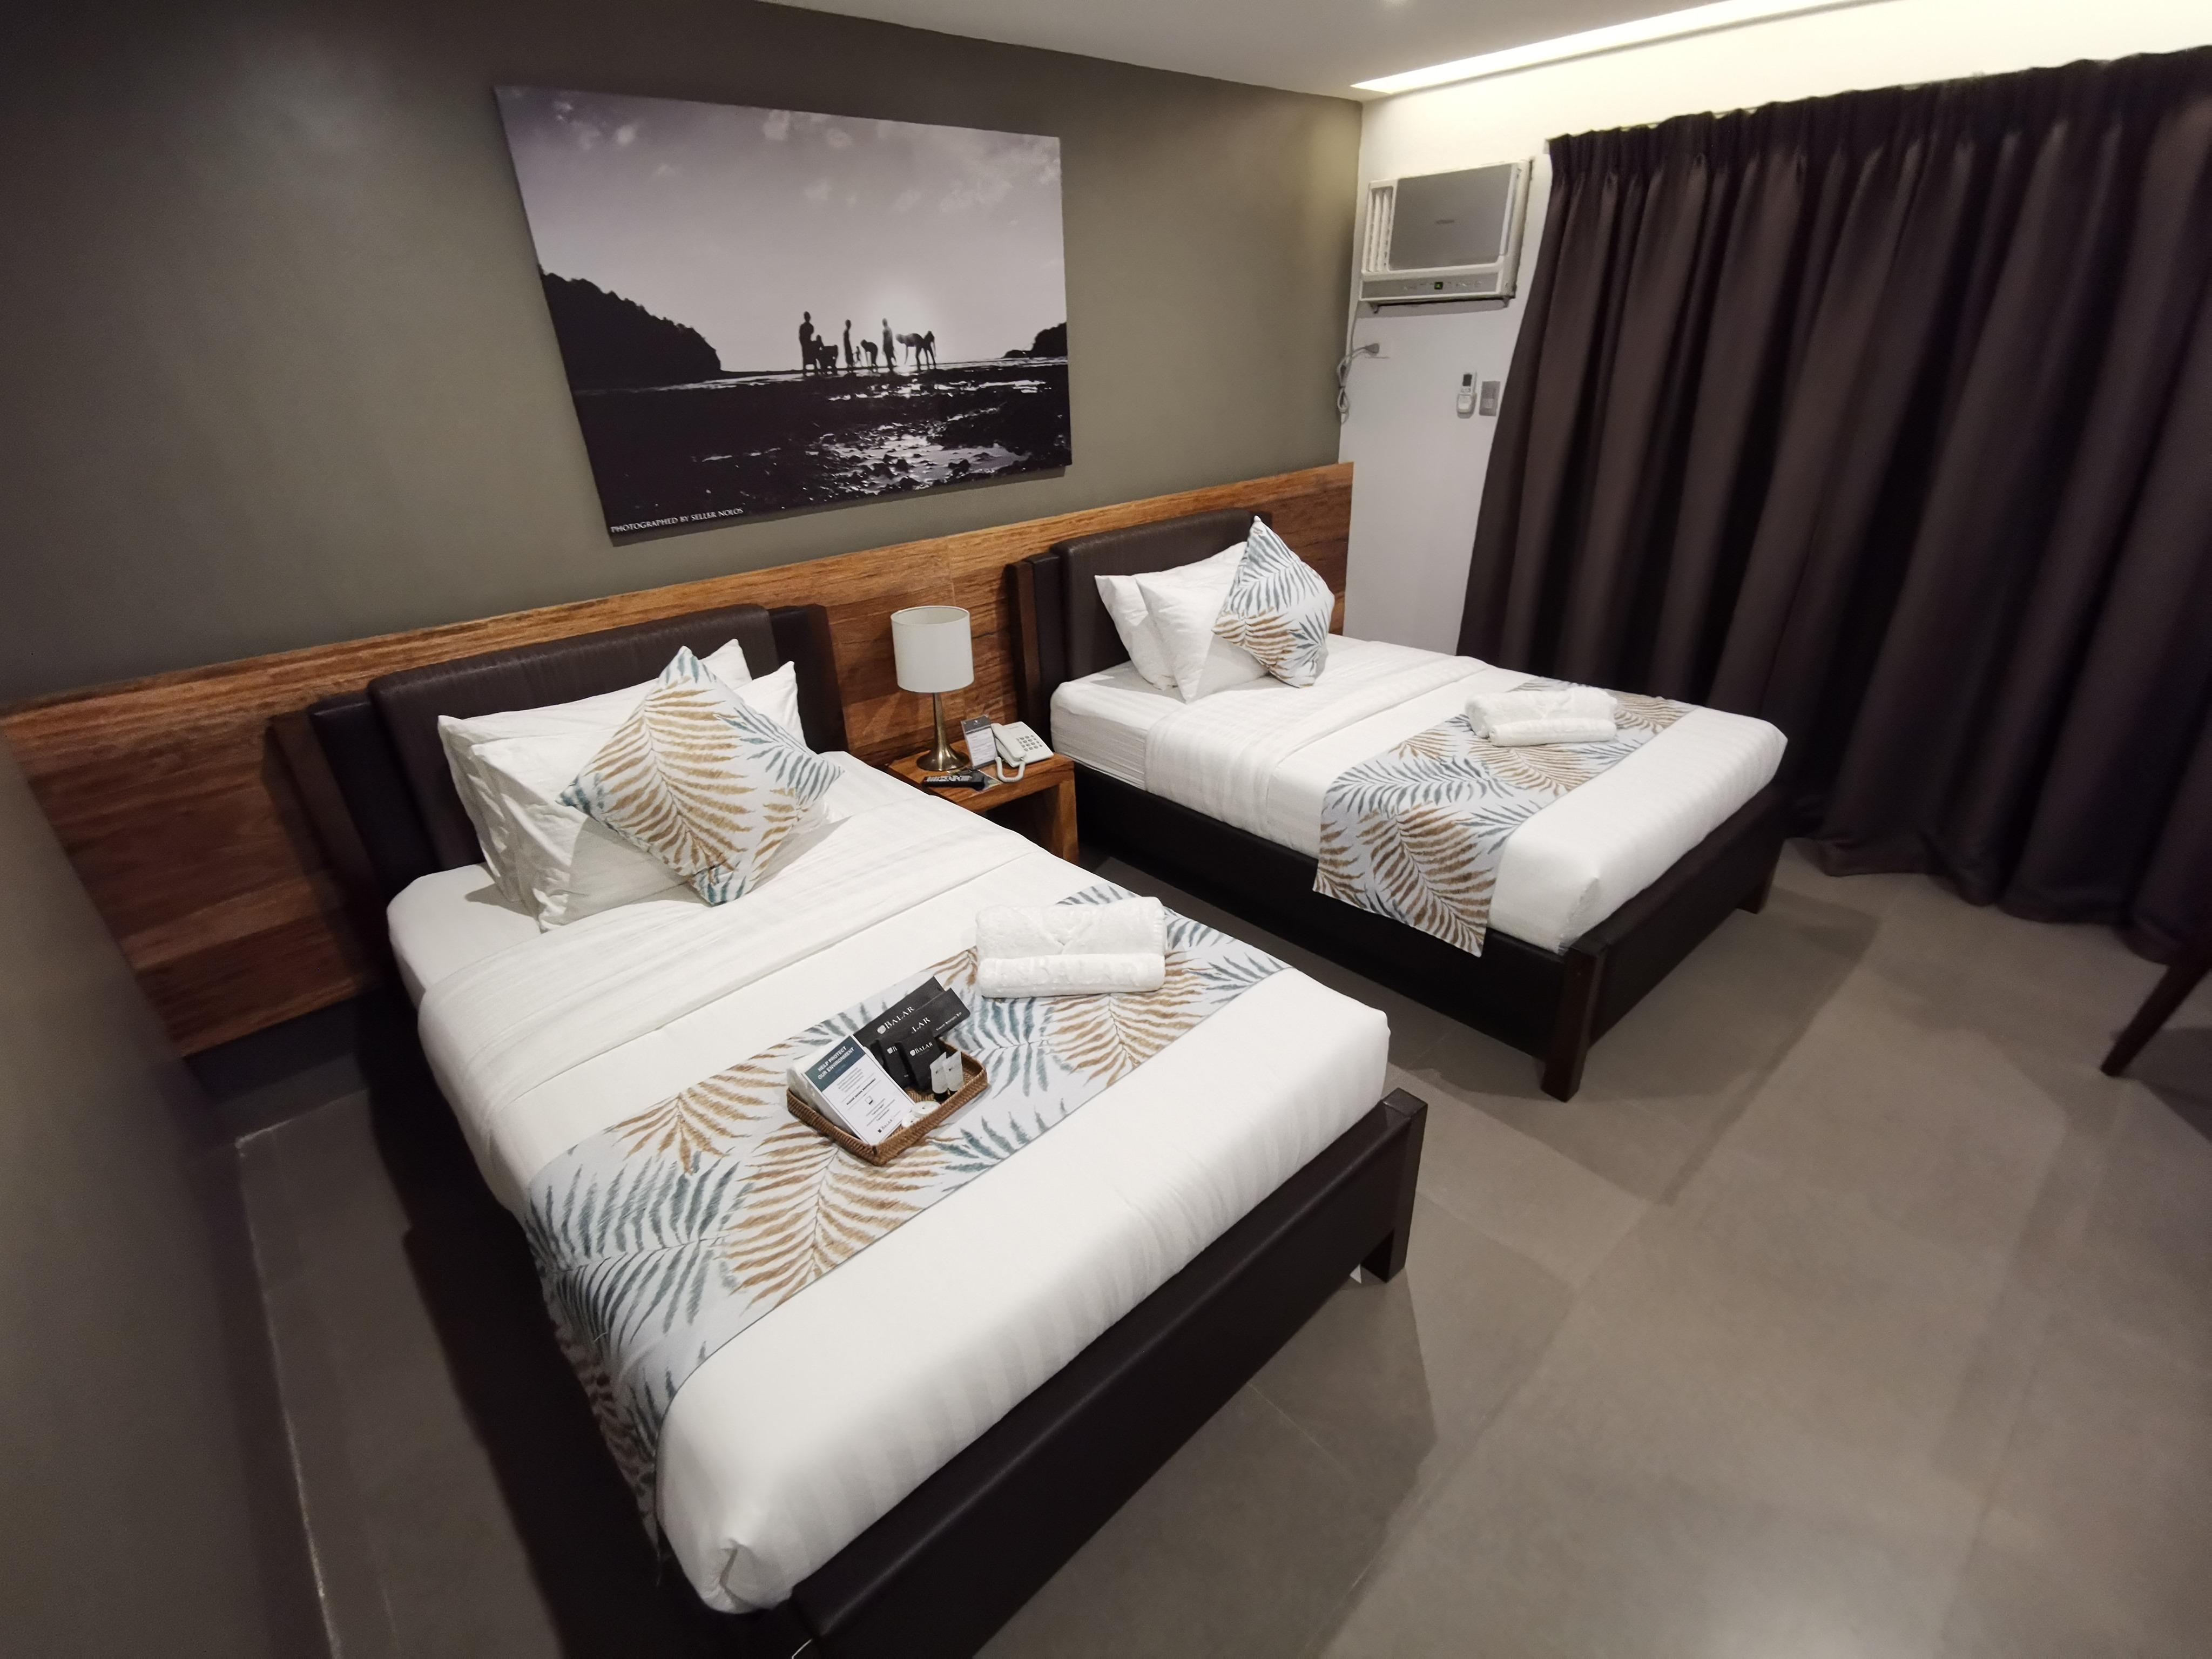 balar-hotel-marinduque (2)